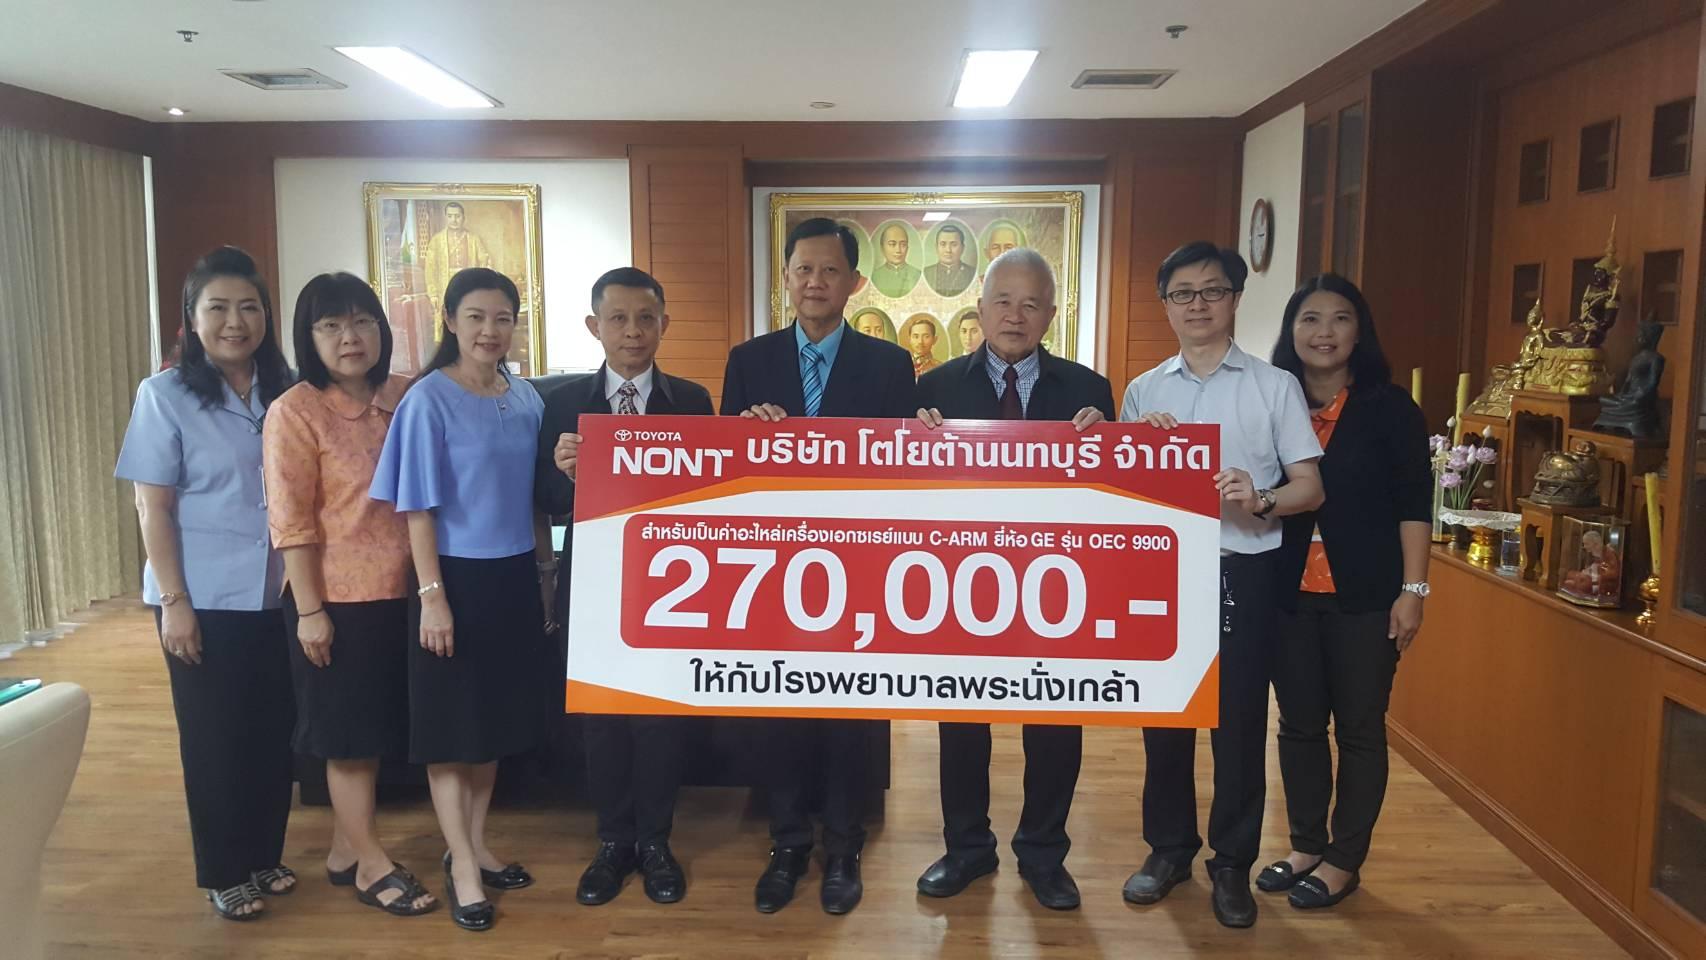 โตโยต้านนทบุรี  บริจาคเงินเป็นจำนวนเงิน 270,000 บาท   ให้แก่โรงพยาบาลพระนั่งเกล้า